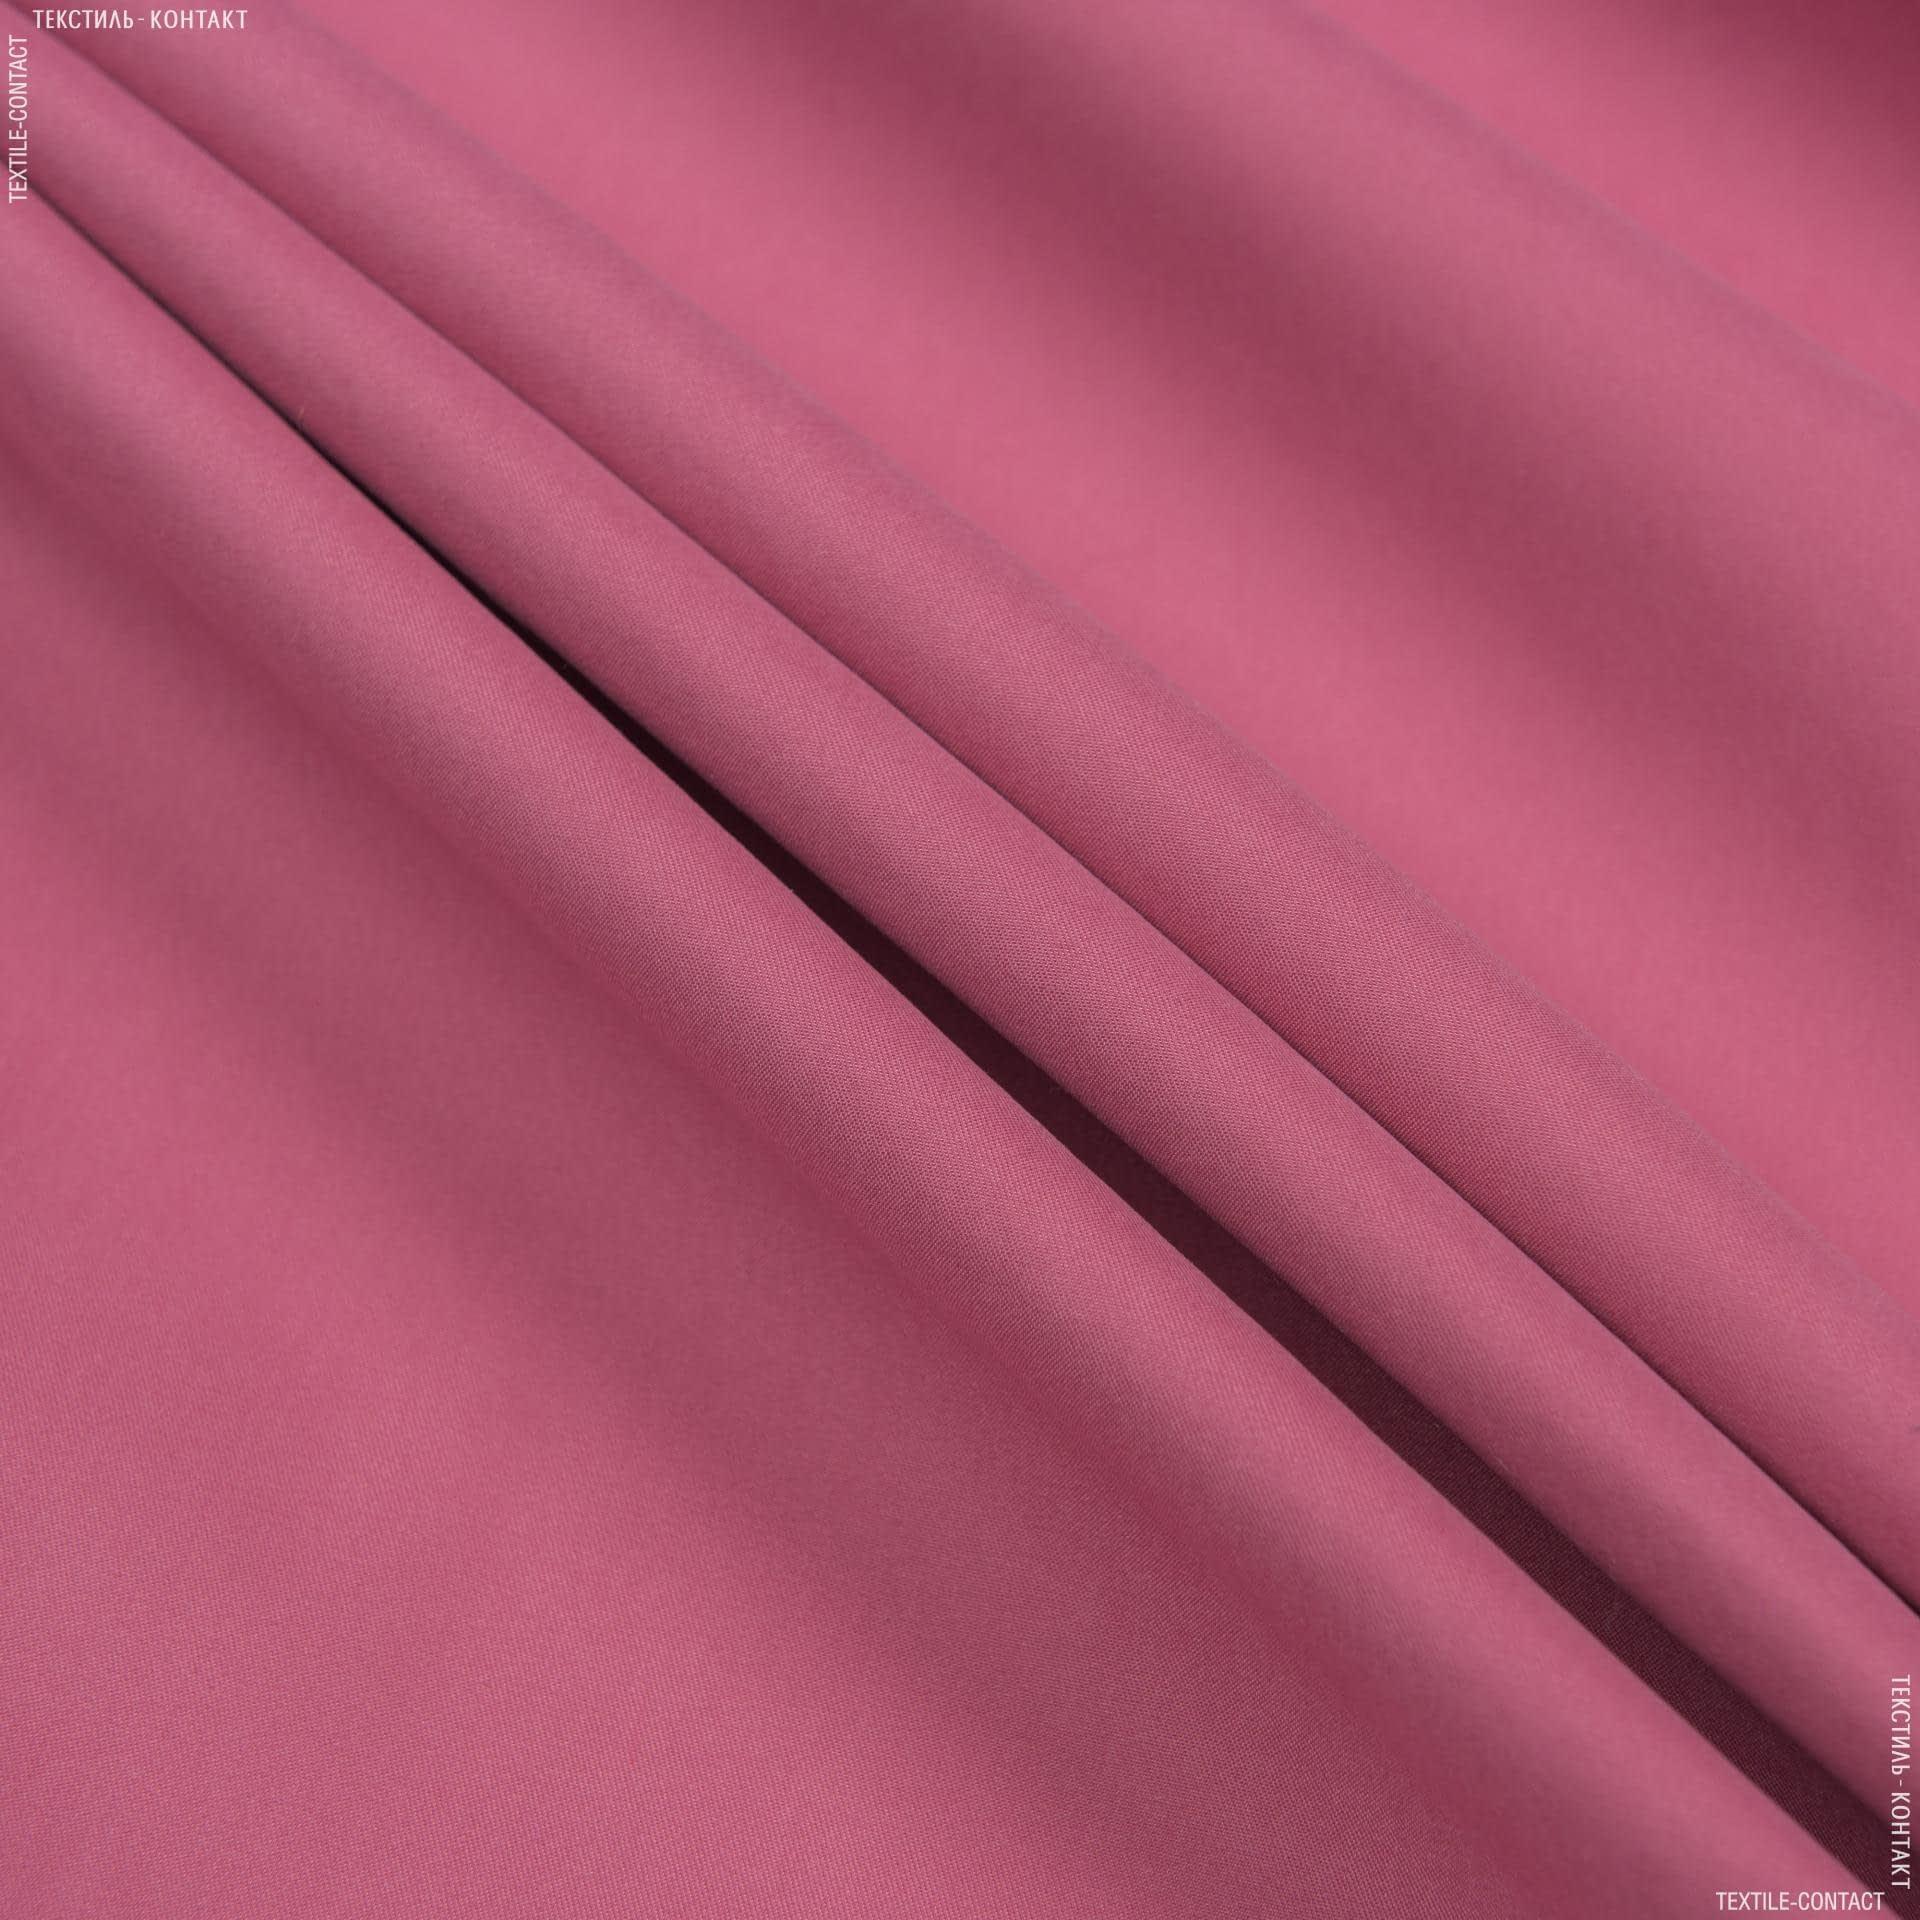 Ткани для верхней одежды - Плащевая бондинг светло-фрезовый